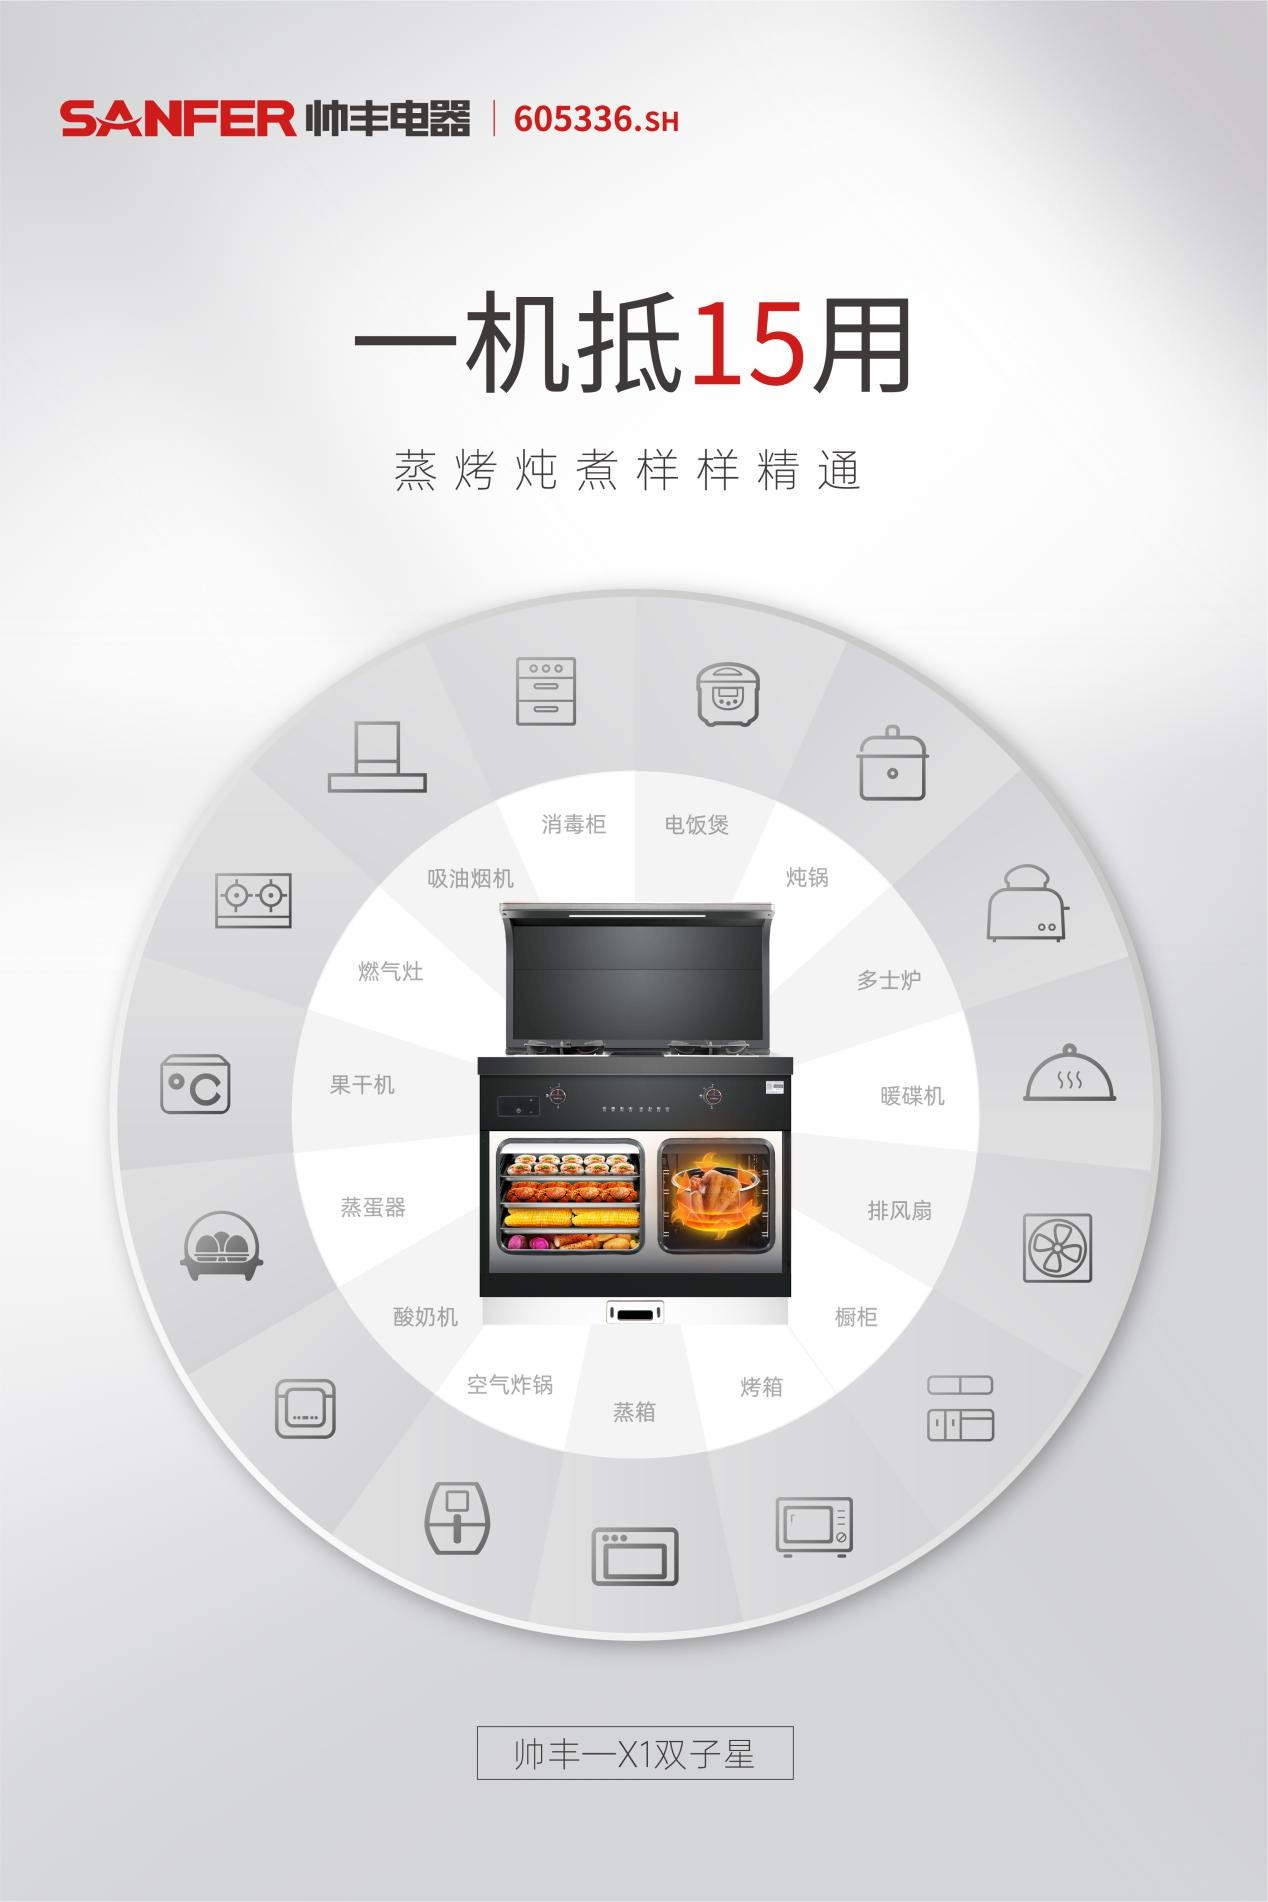 帅丰集成灶:发挥领军企业标准引领作用-产业互联网